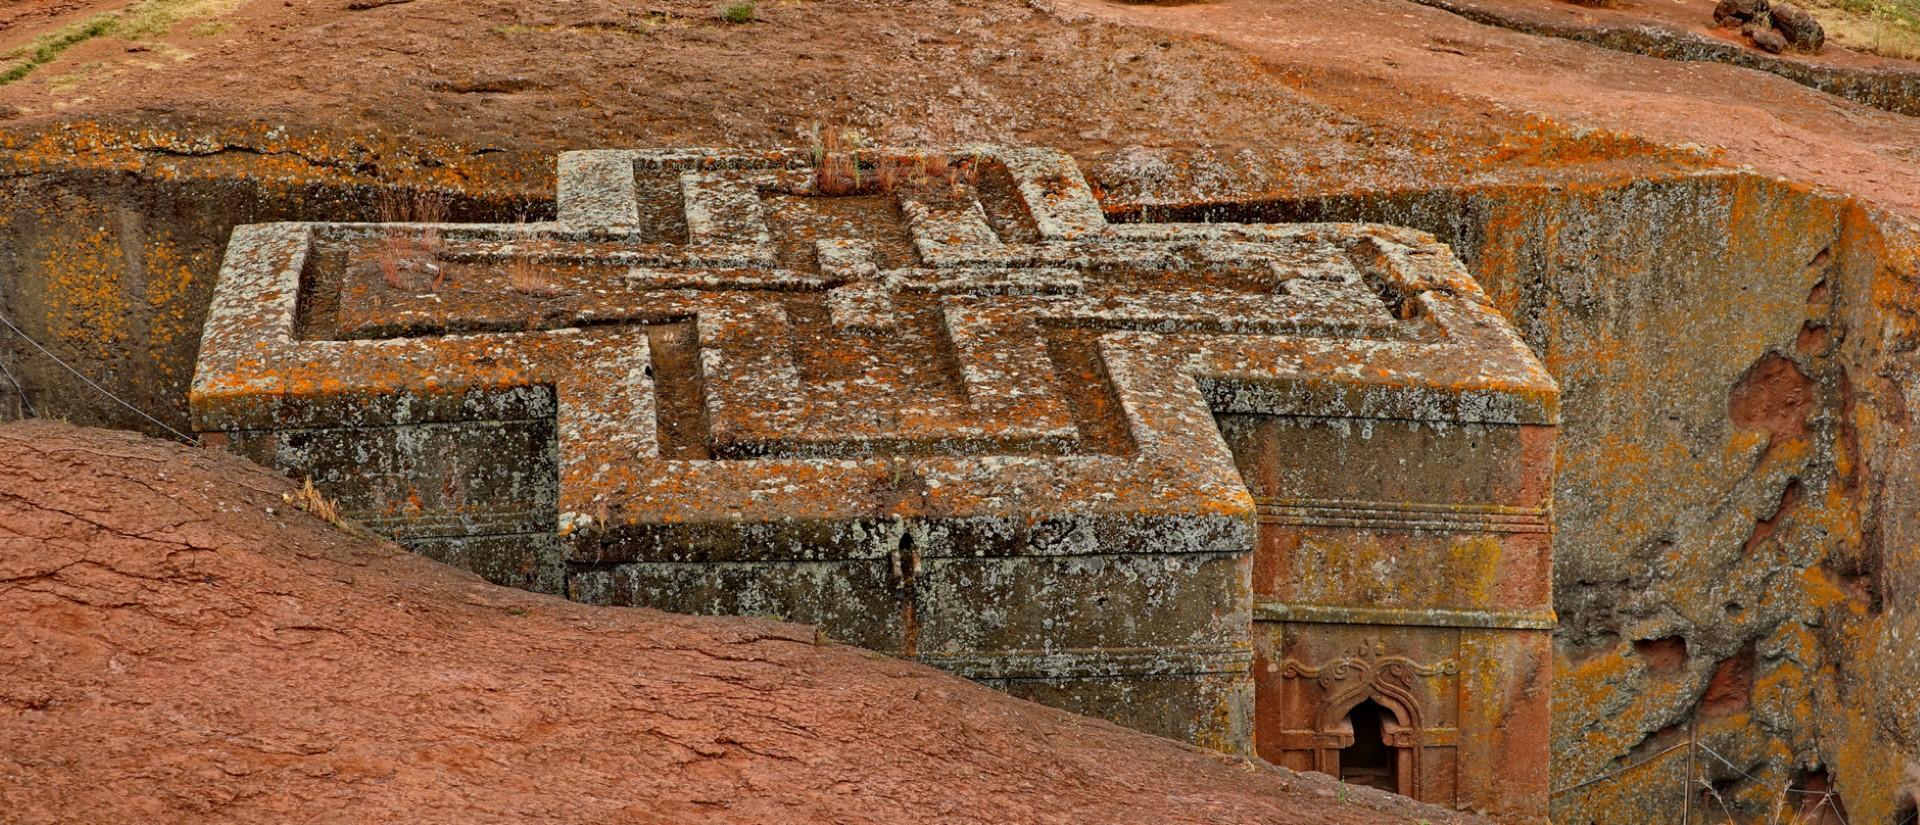 Donnavventura, Etiopia: fascino e misticismo di Lalibela